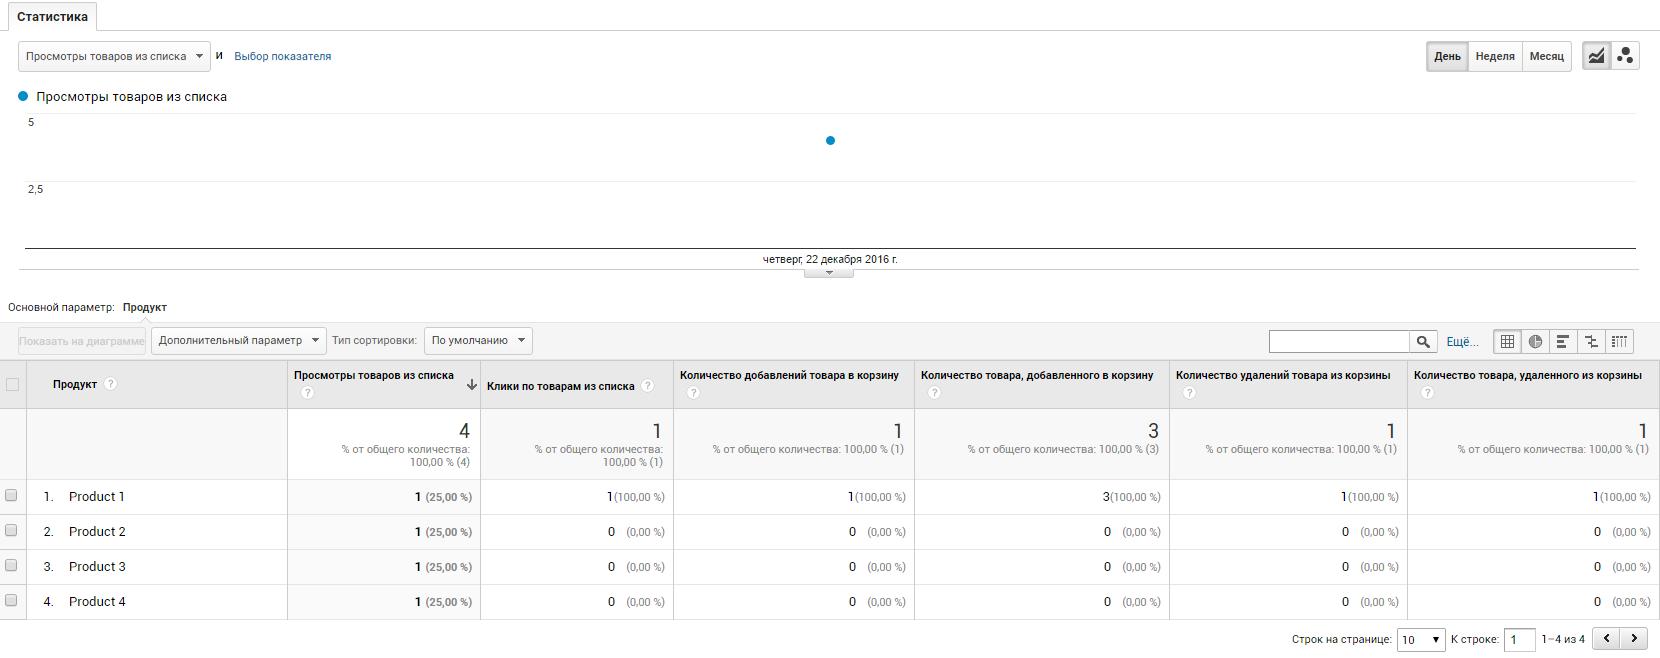 Параметры «Количество товара, добавленного в корзину» и «Количество товара, удаленного из корзины» показывают числа, указанные в переменной quantity соответствующих событий